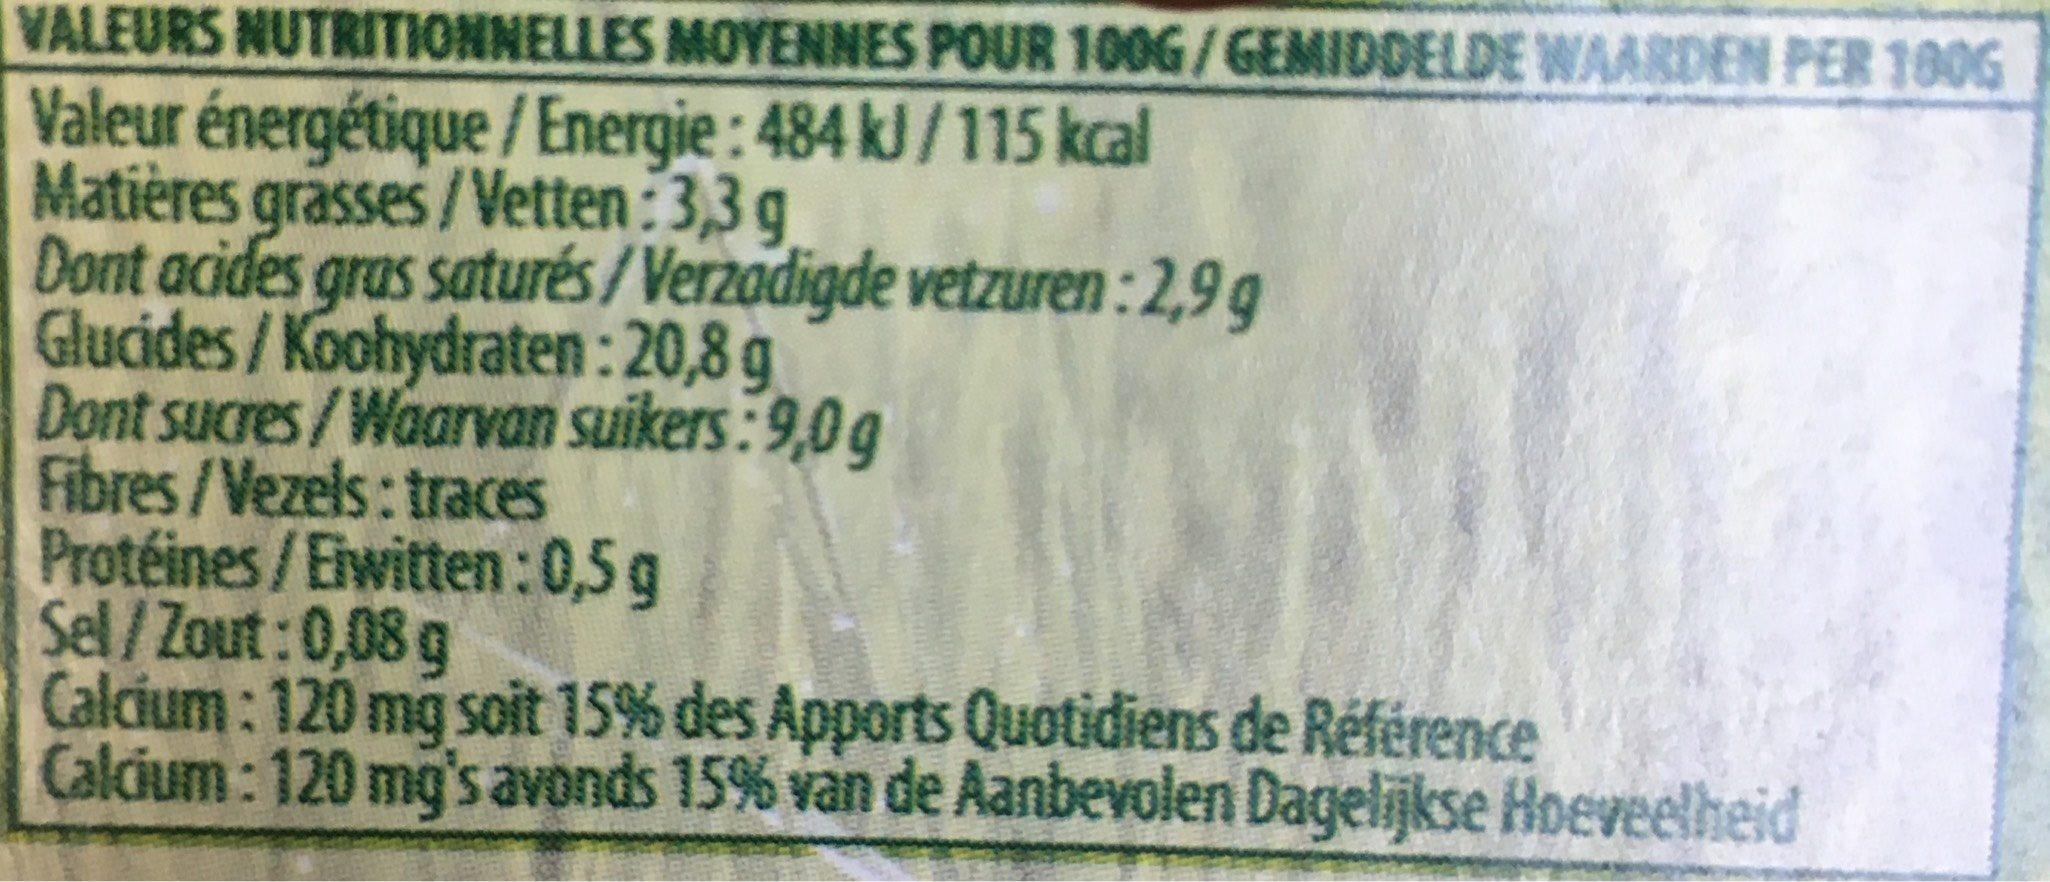 Dessert 100% végétal au riz café - Informations nutritionnelles - fr